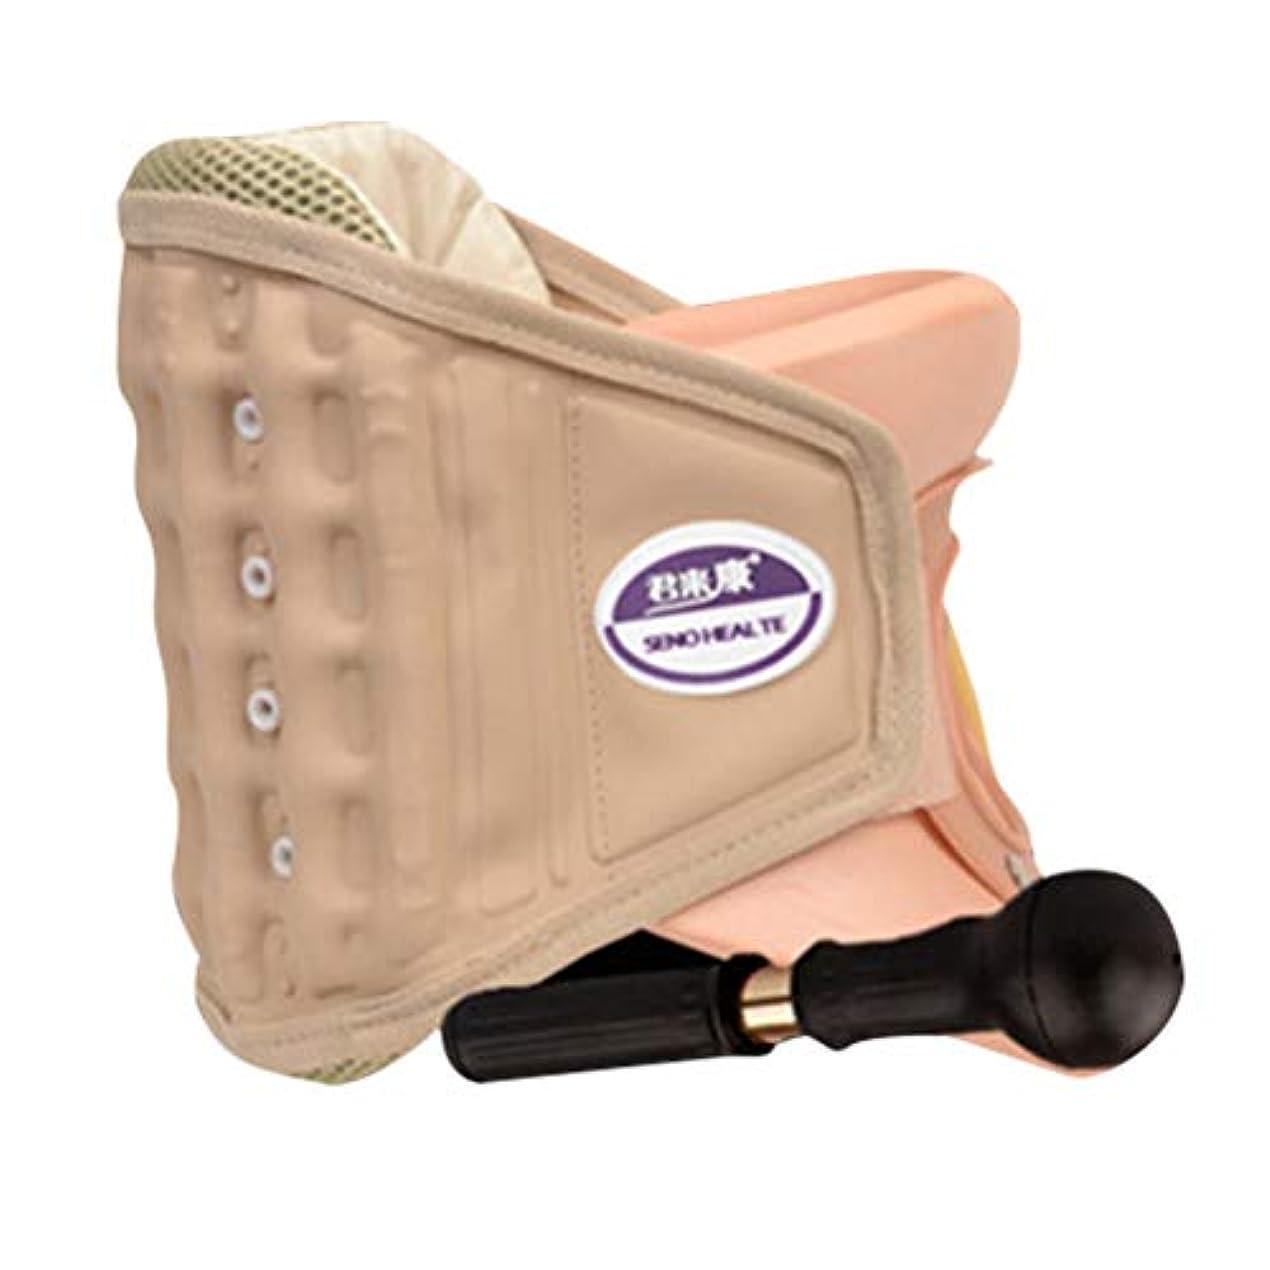 修羅場コイン拒絶SUPVOX 頸部首牽引襟デバイス装具椎骨サポートベルト付きポンプポータブルネックマッサージャー